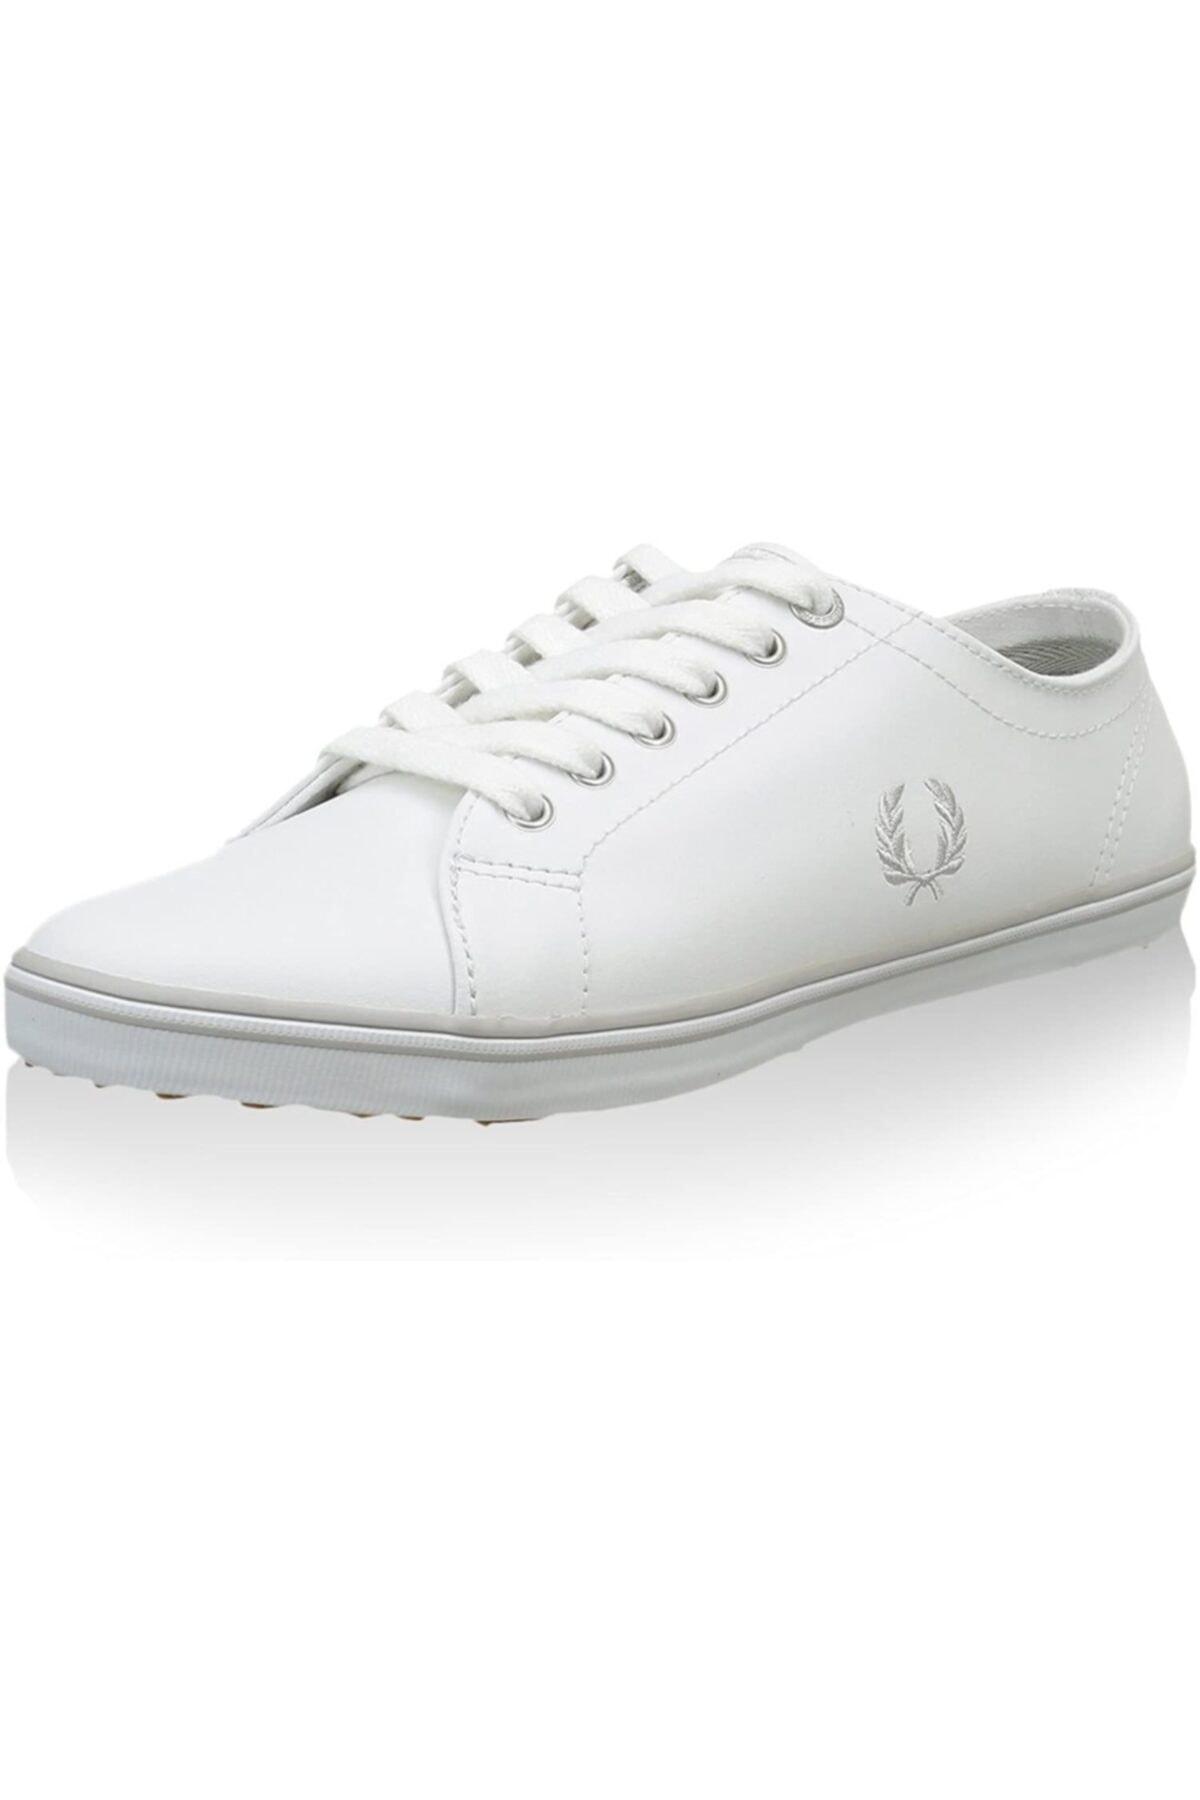 Fred Perry Erkek Beyaz Ayakkabı B6237w-183 1